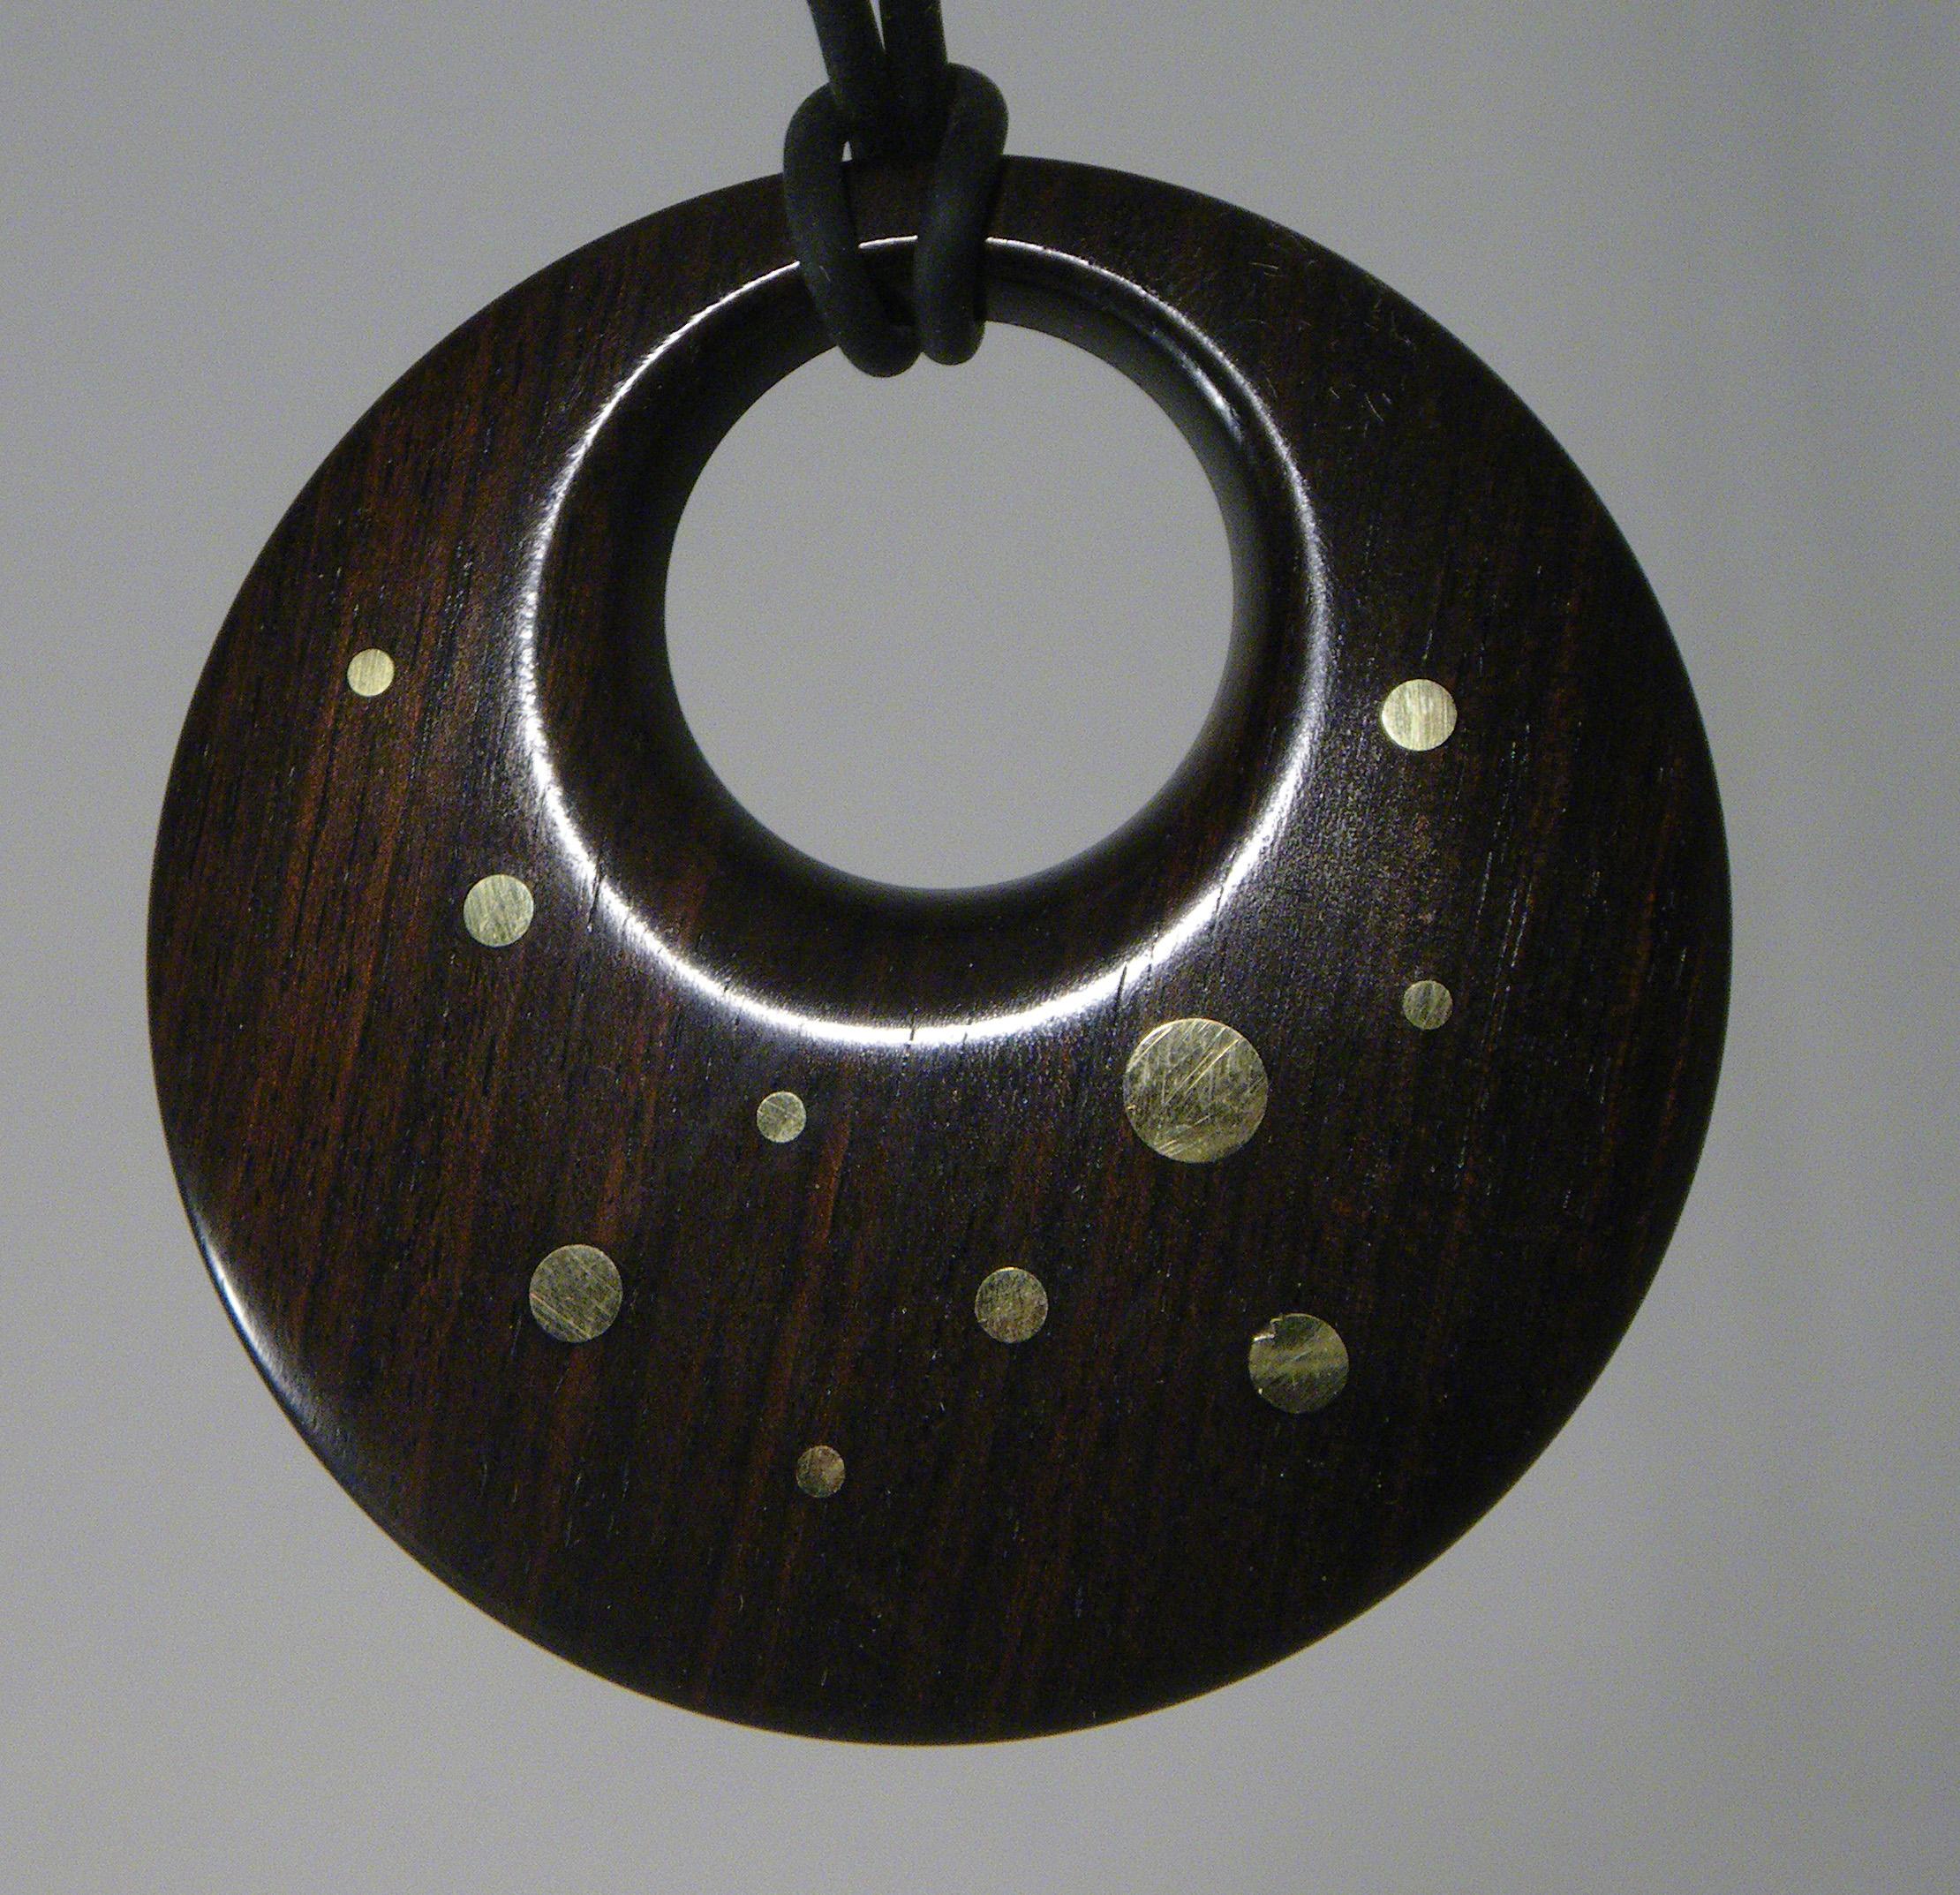 Ebony with Brass inlay